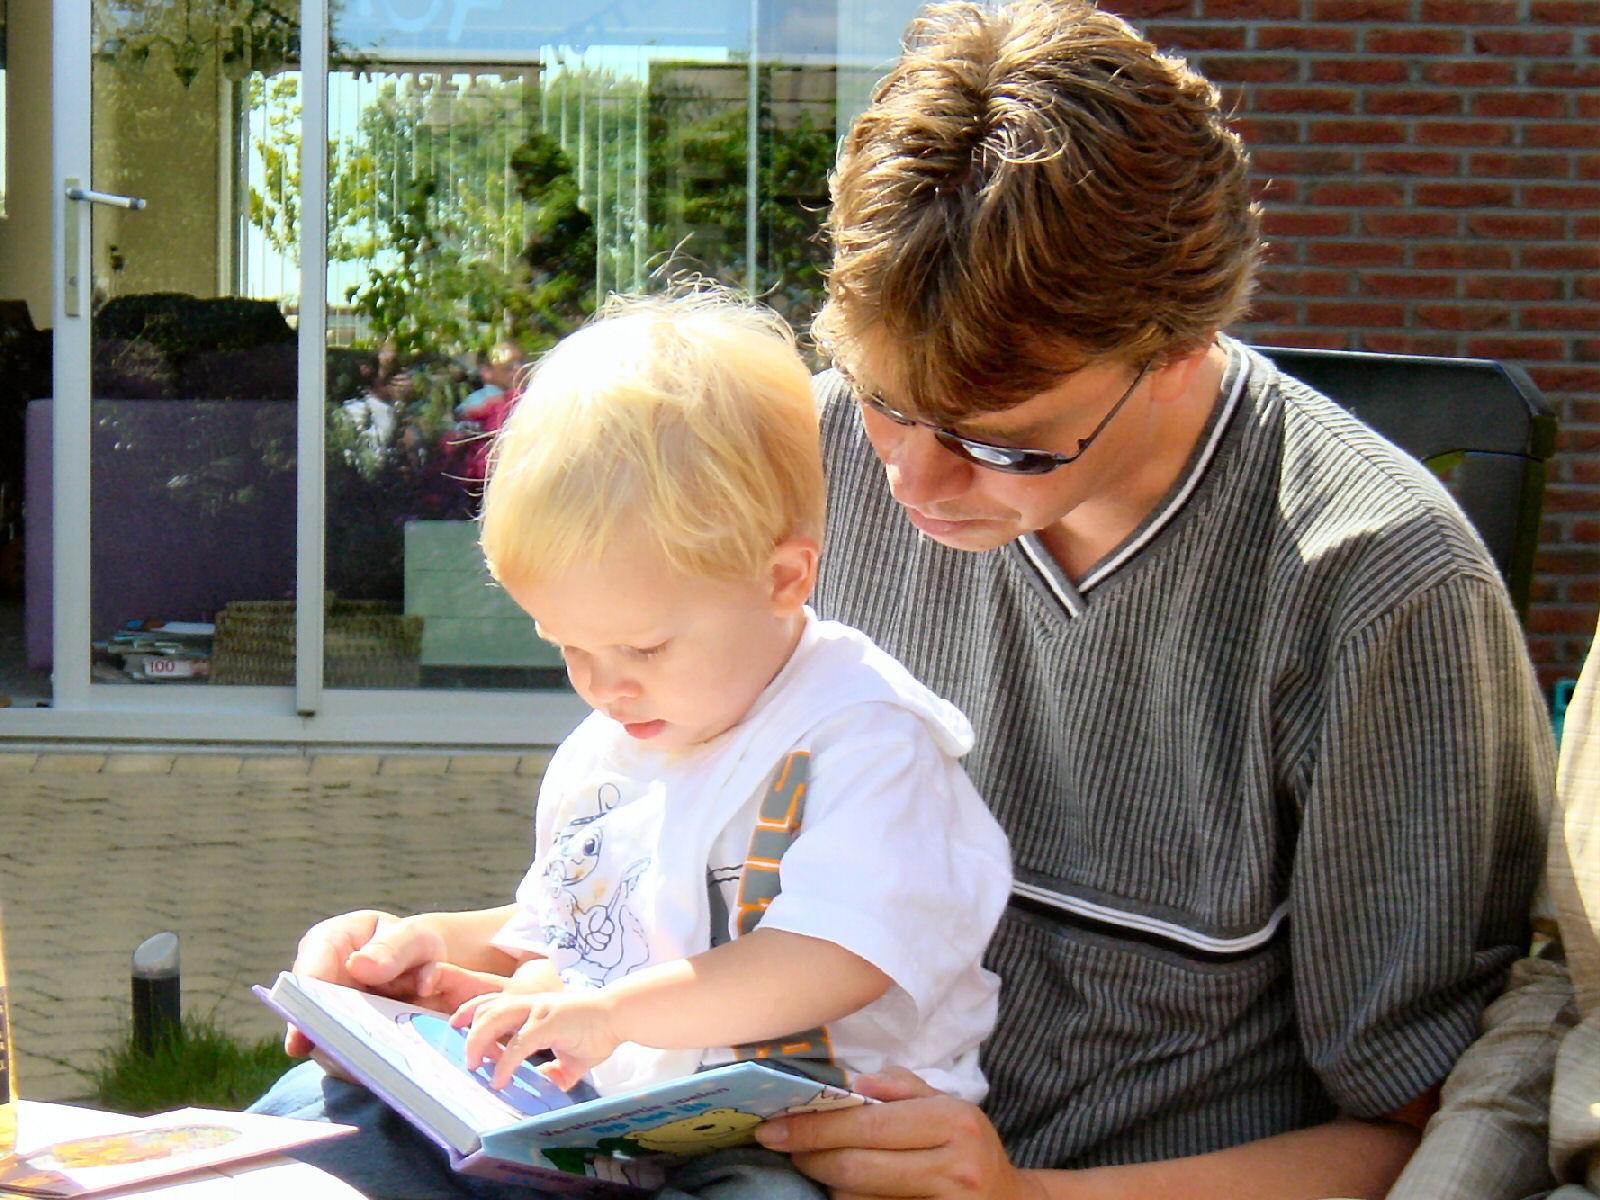 Бащината обич силно влияе върху развитието на детето